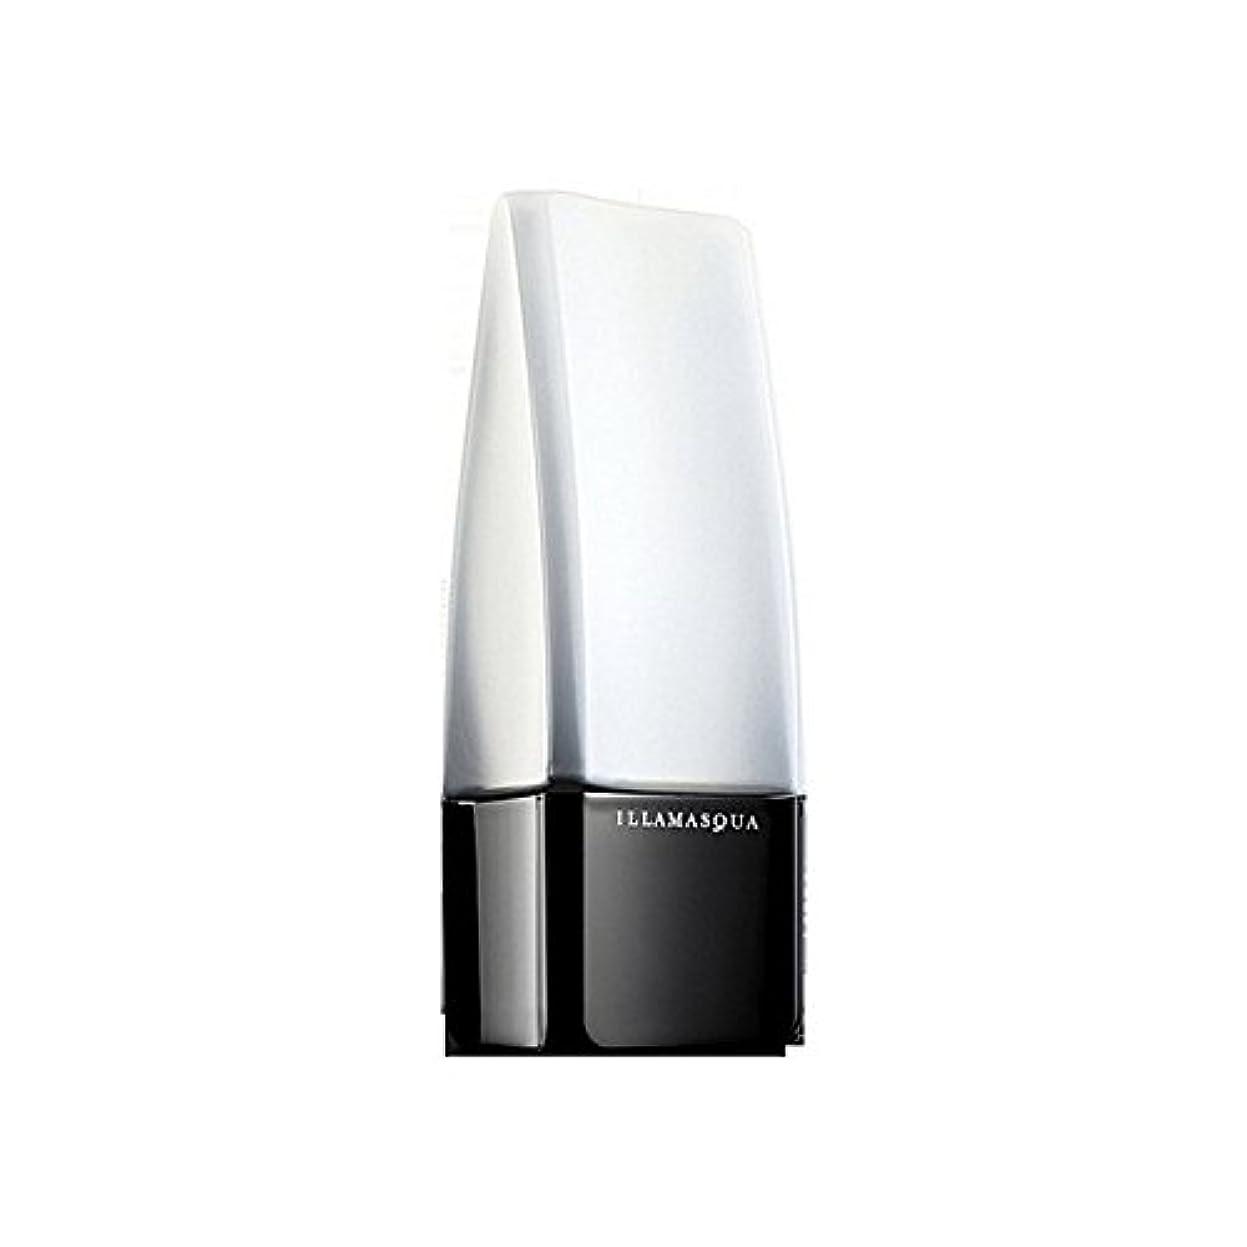 電話ペルメル先にIllamasqua Matt Primer Spf 20 30ml (Pack of 6) - マットプライマー 20 30ミリリットル x6 [並行輸入品]